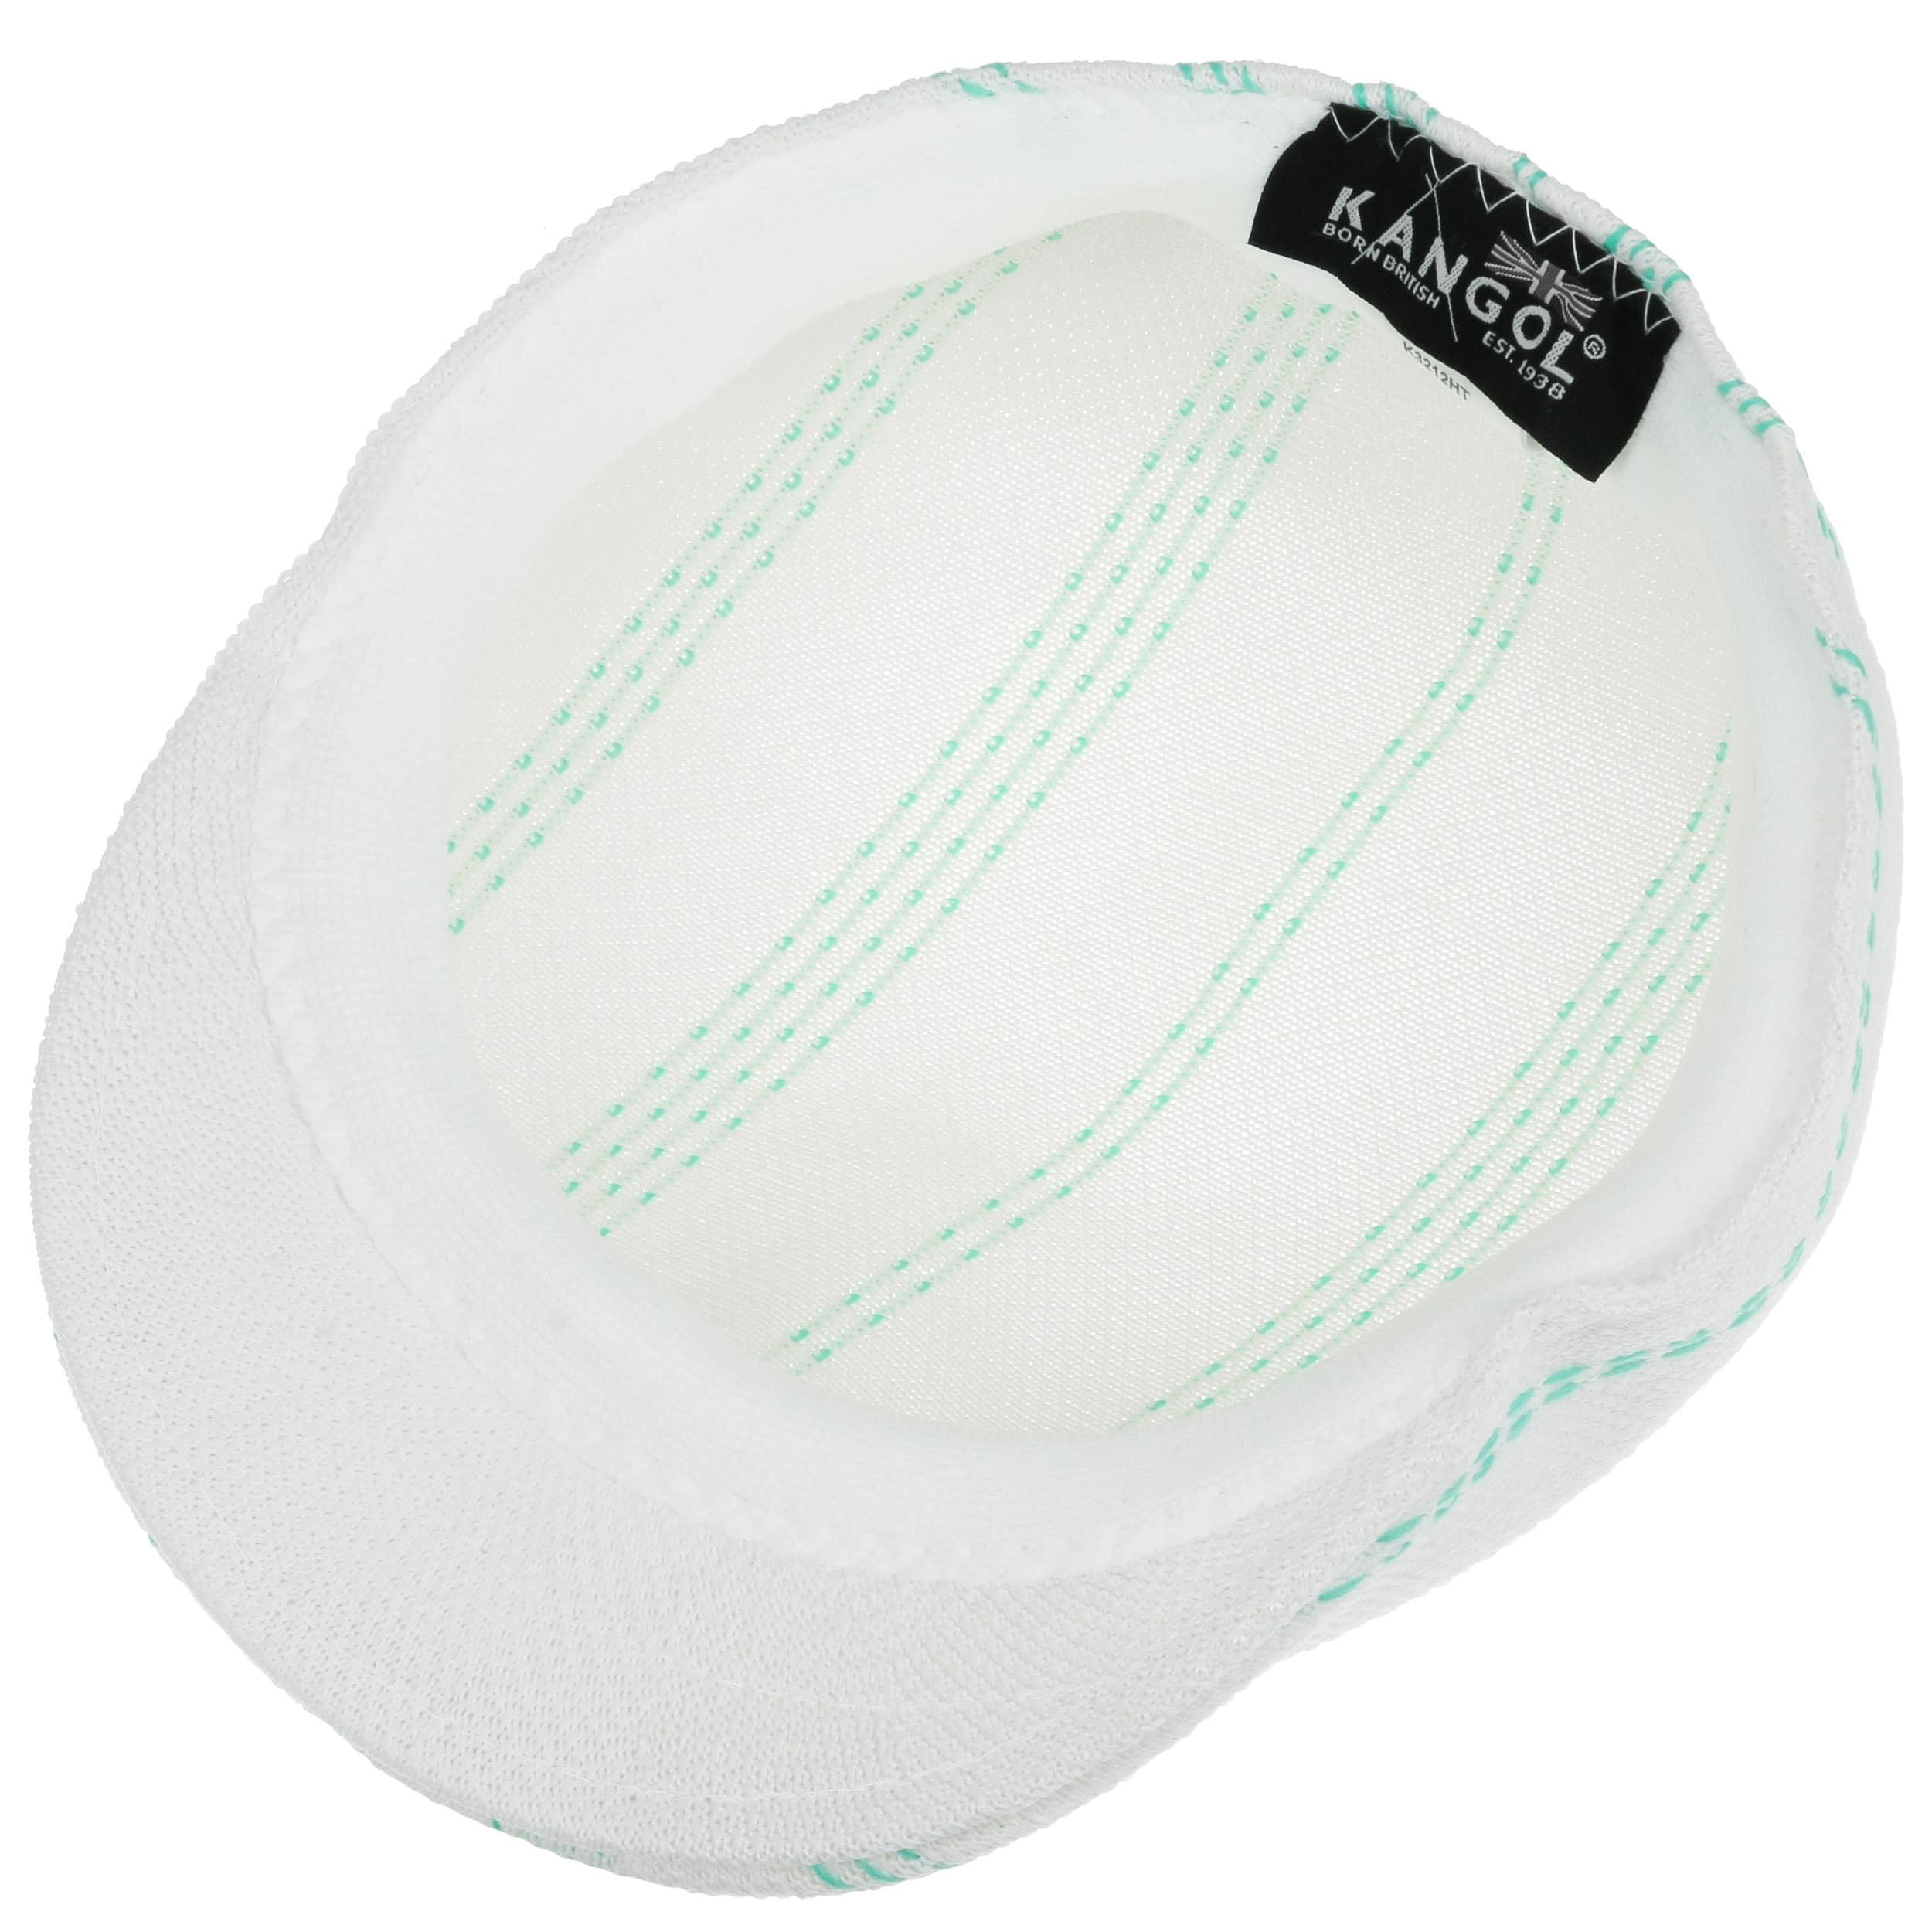 ... Float Stripe 507 Flat Cap by Kangol - white-green 2 ... 804cf41a3de